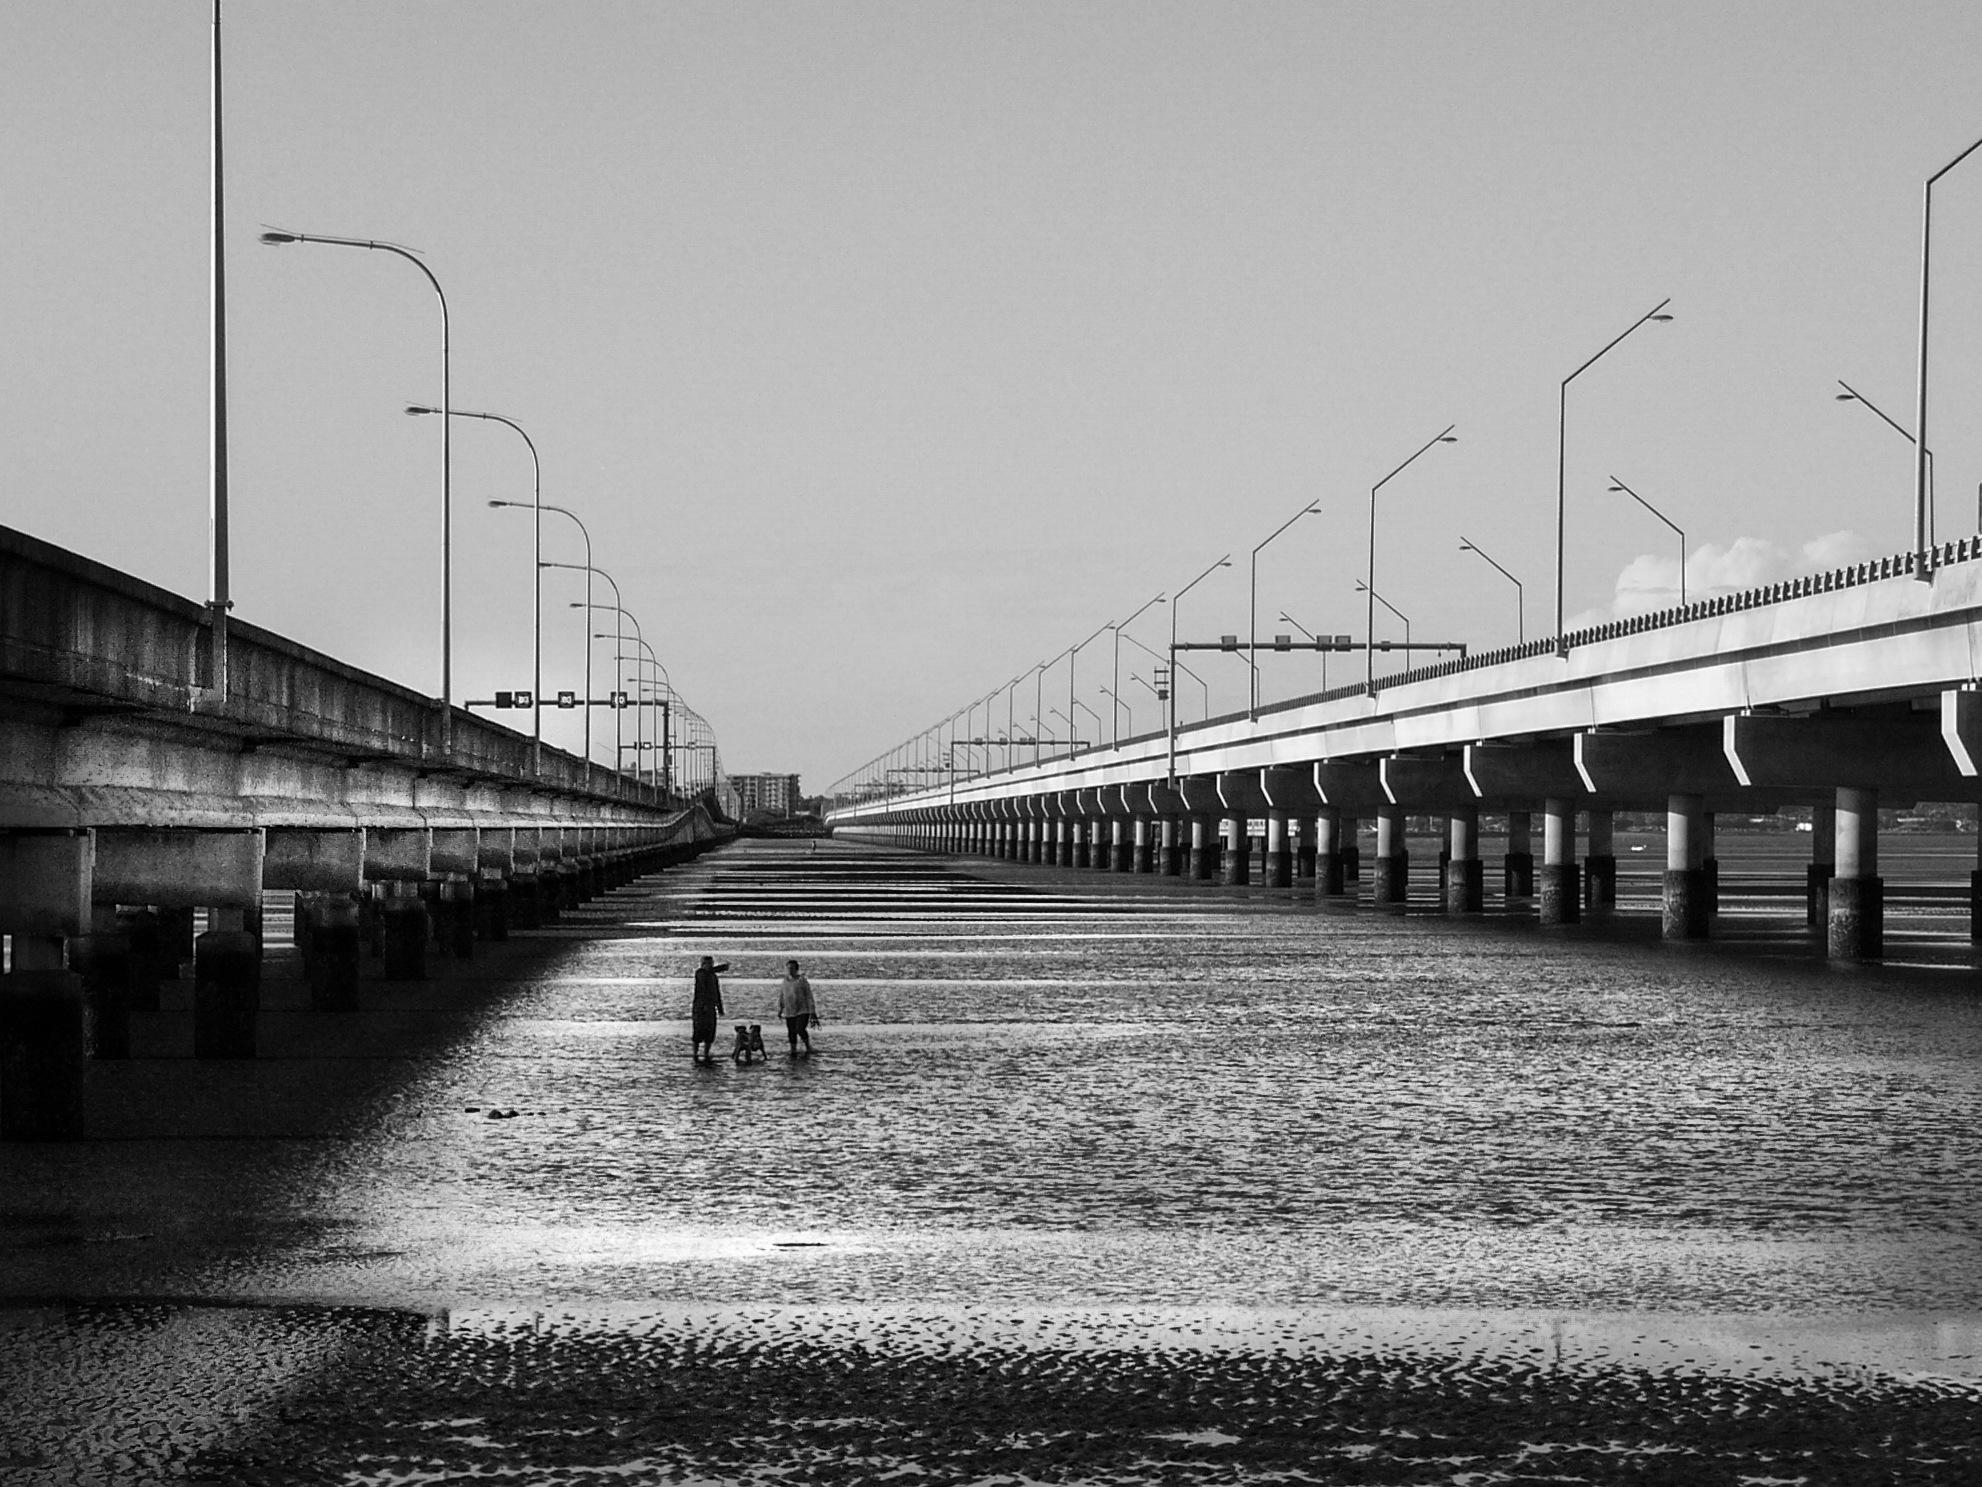 betweenTides by Max Evans